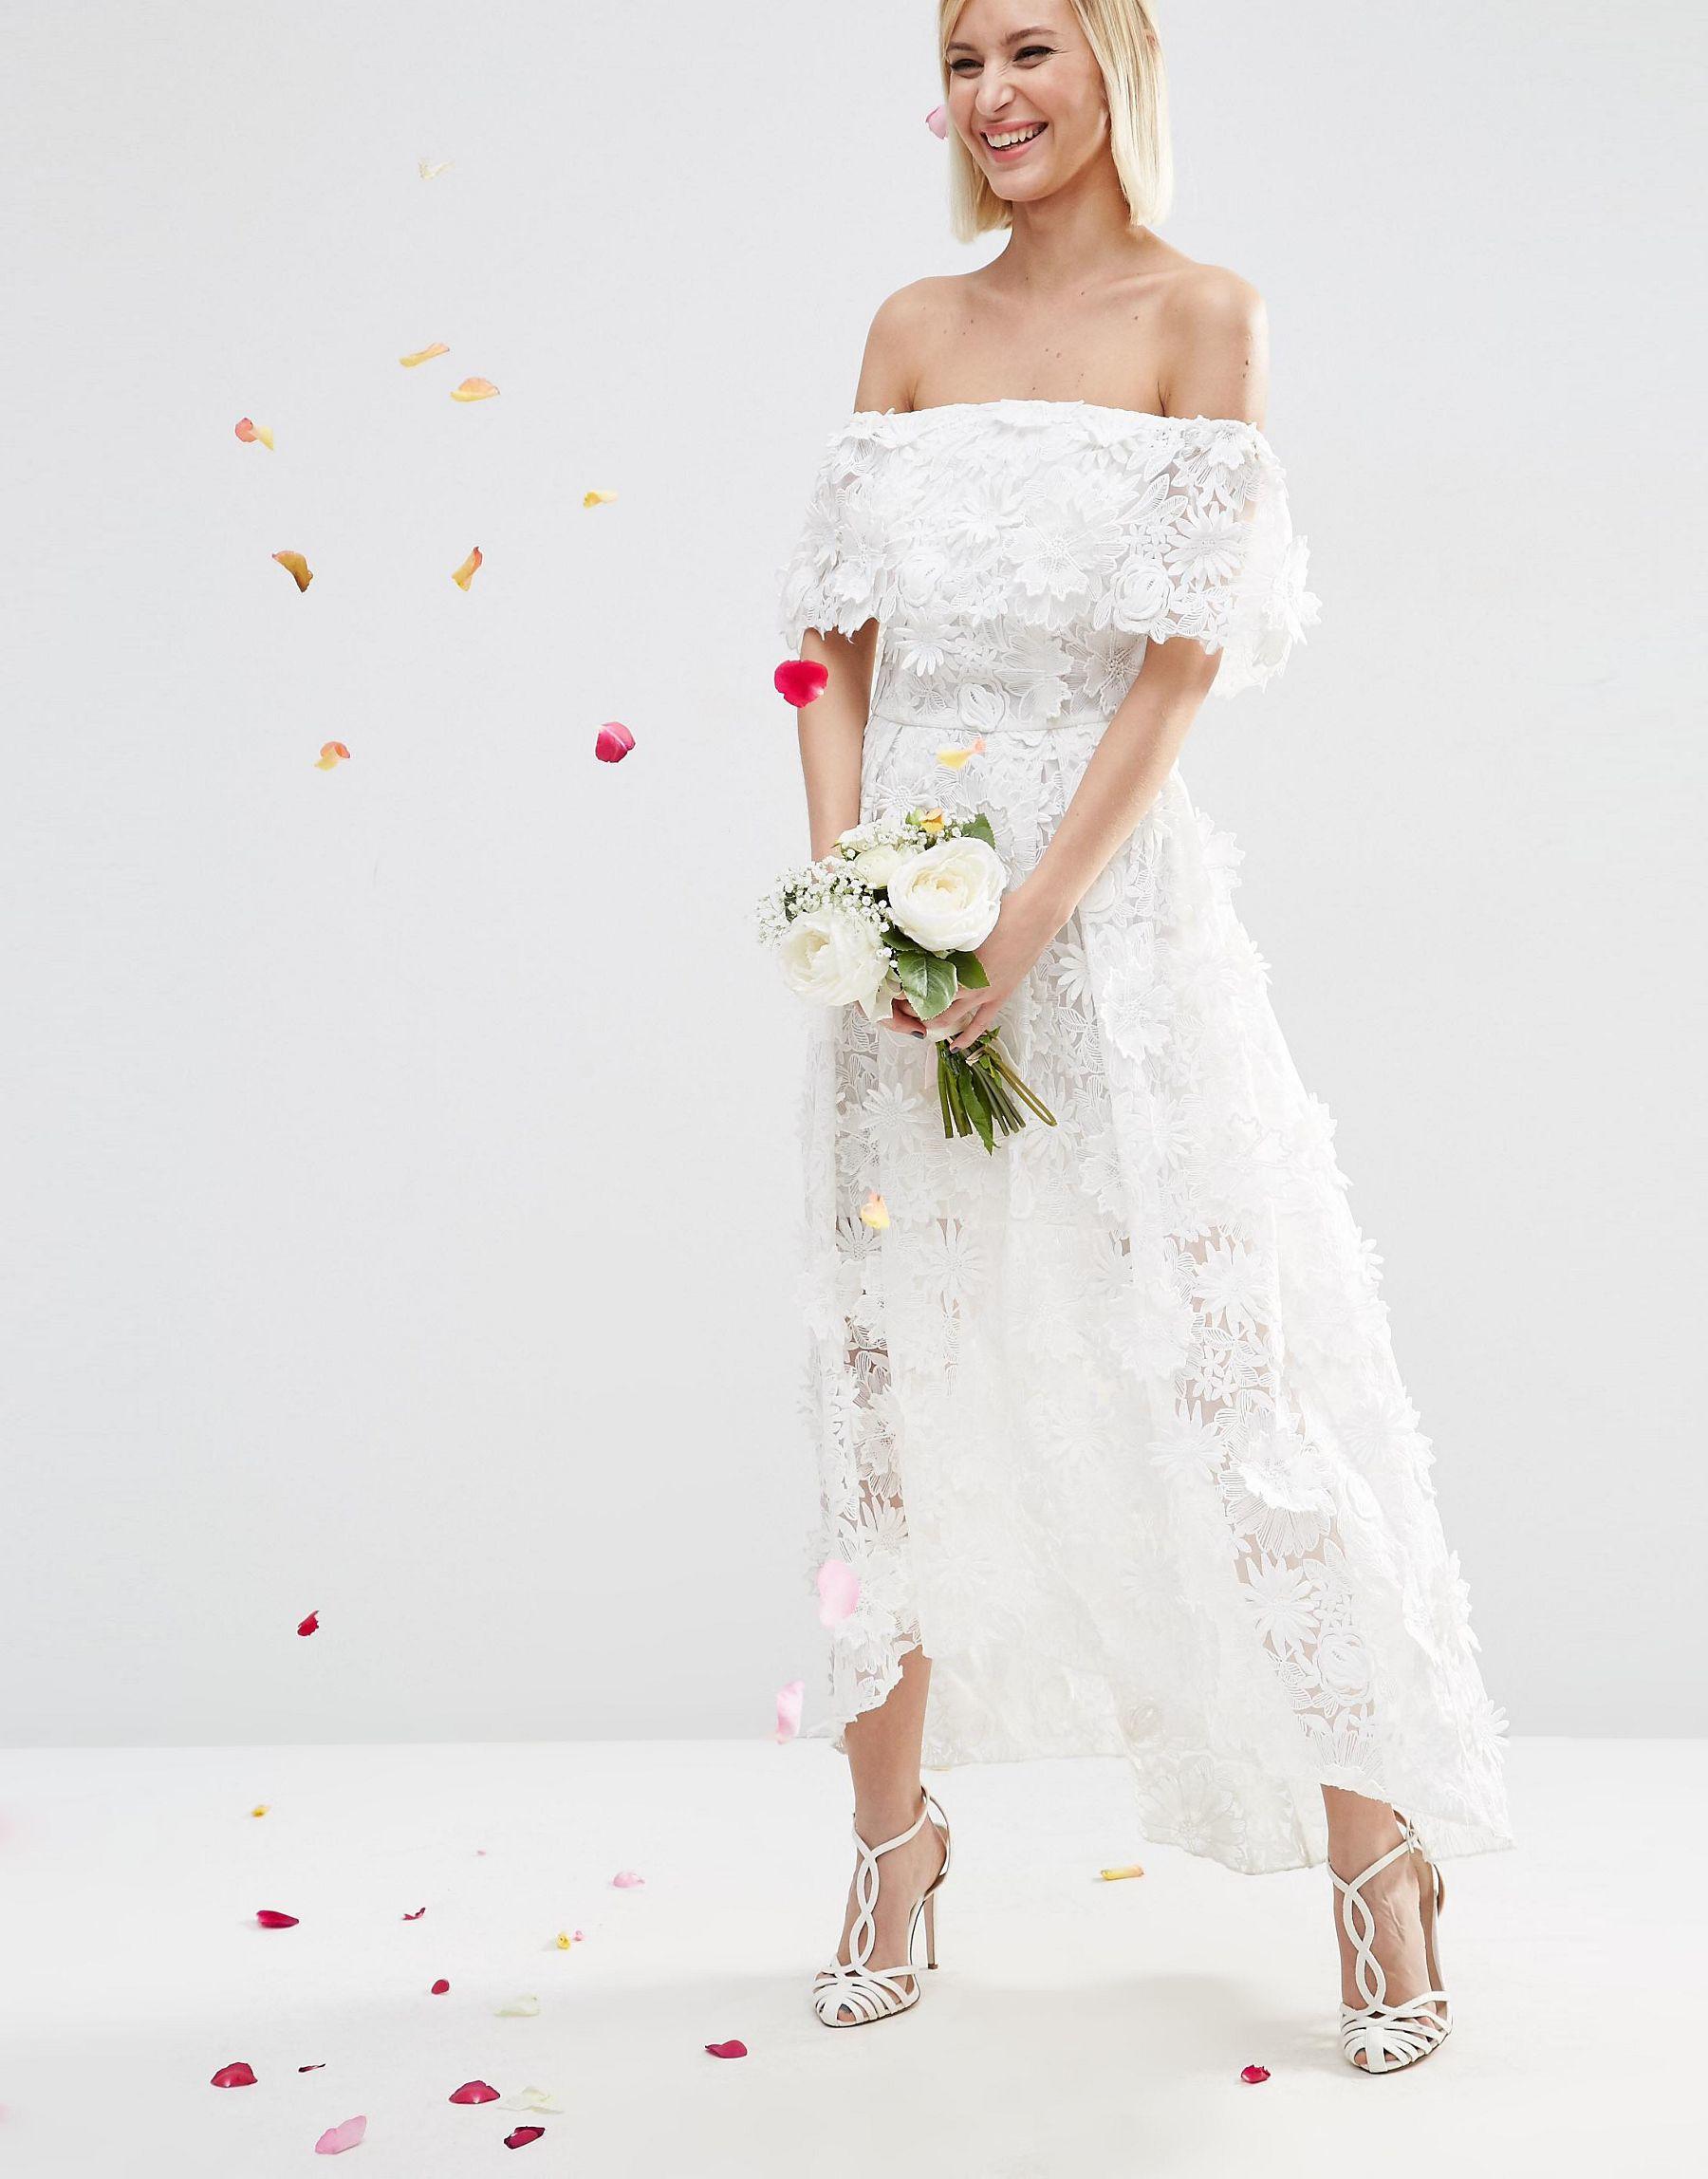 Brautkleider unter 13 Euro: Die schönsten Modelle : Fotoalbum